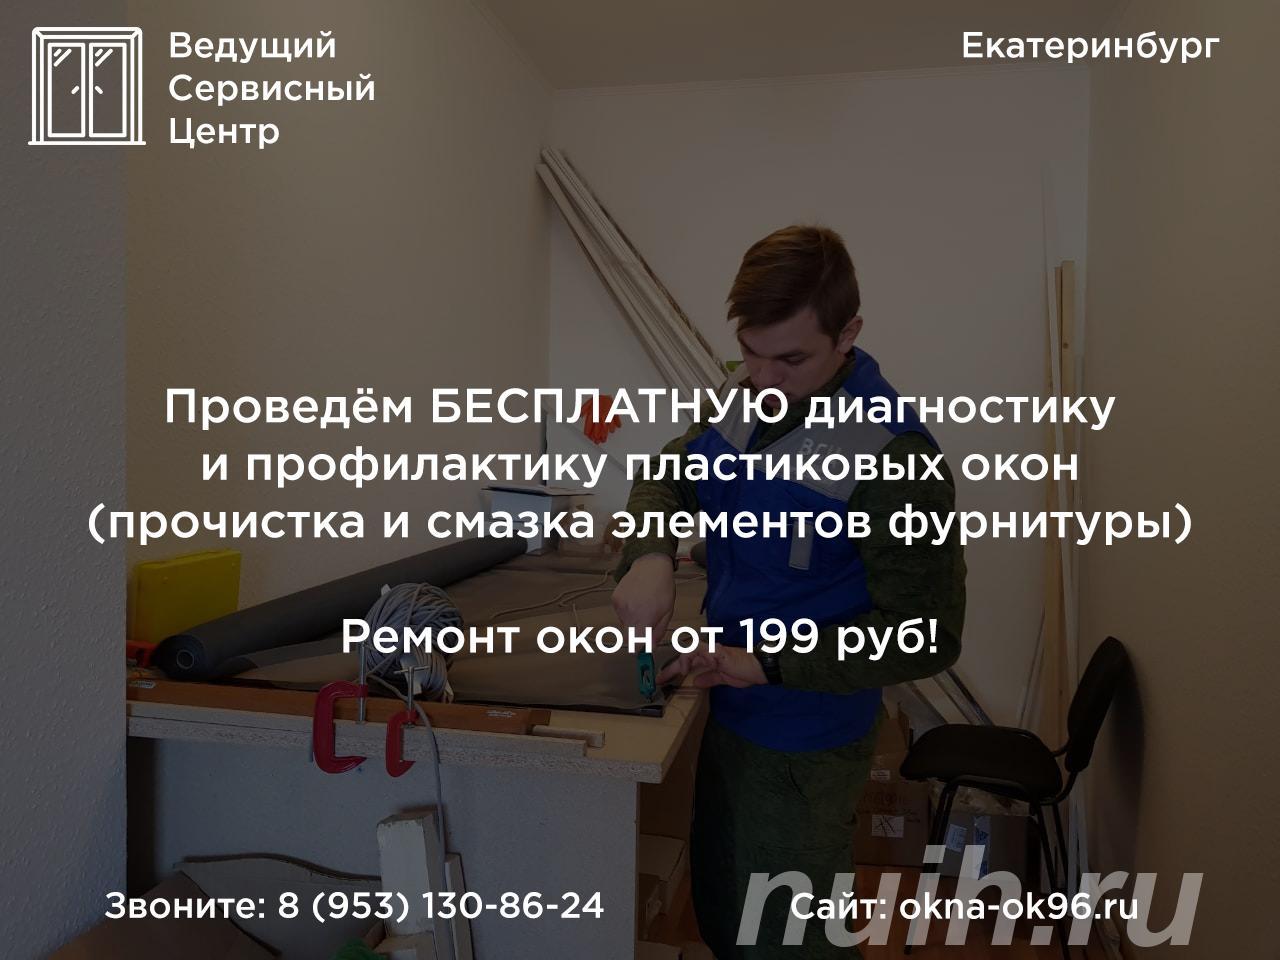 Ремонт окон любой сложности,  Екатеринбург